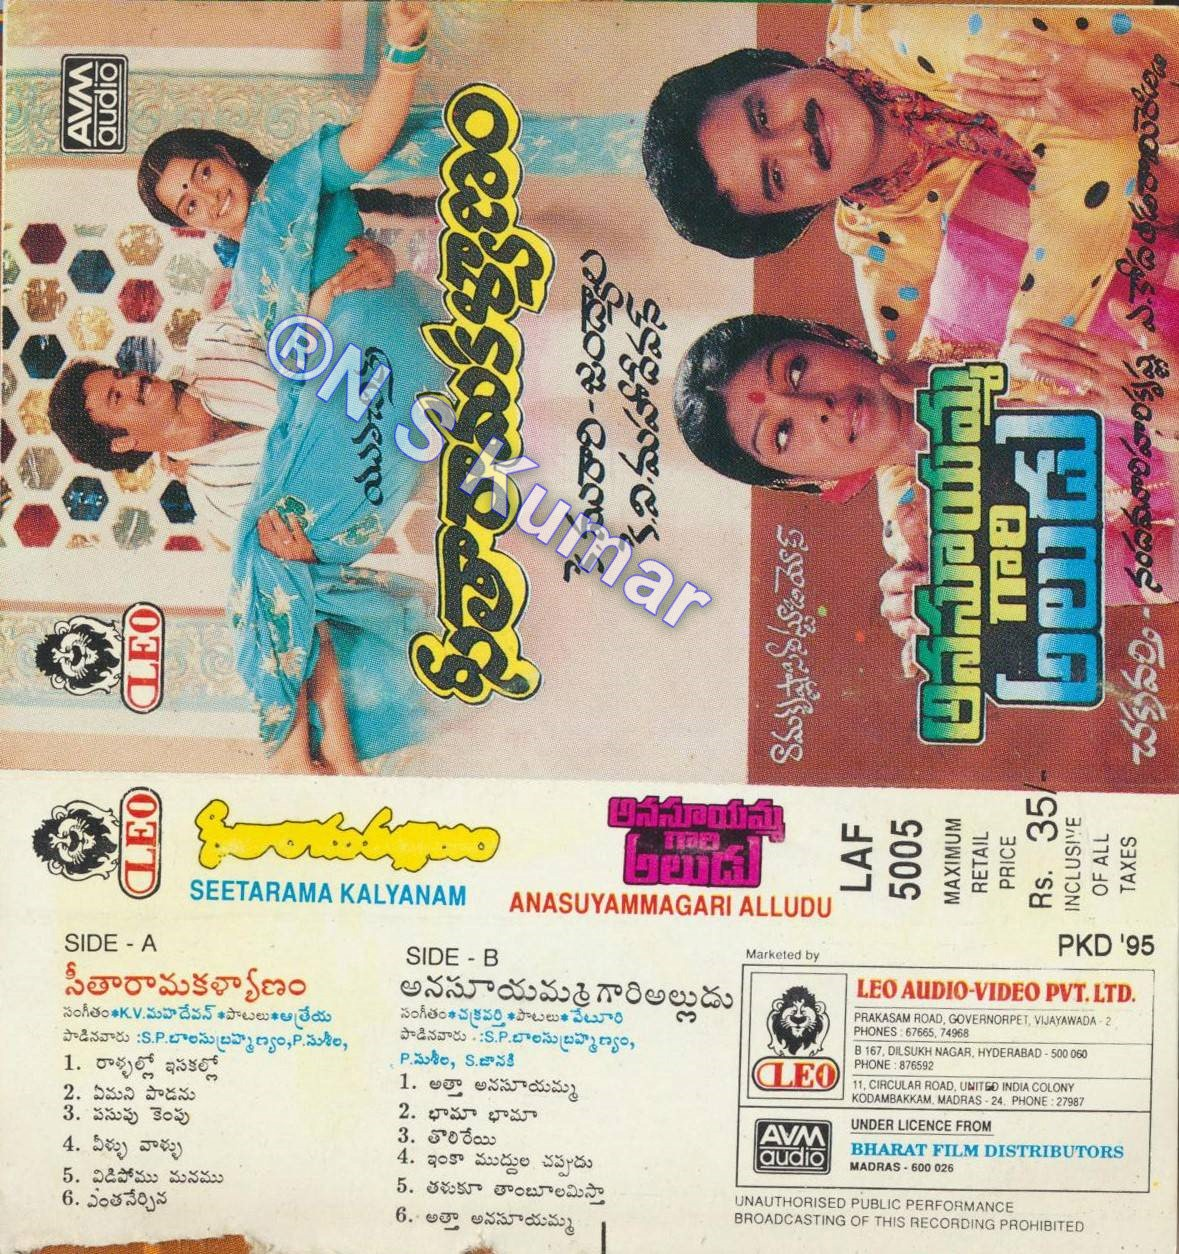 Seetarama Kalyanam cassette cover.jpg